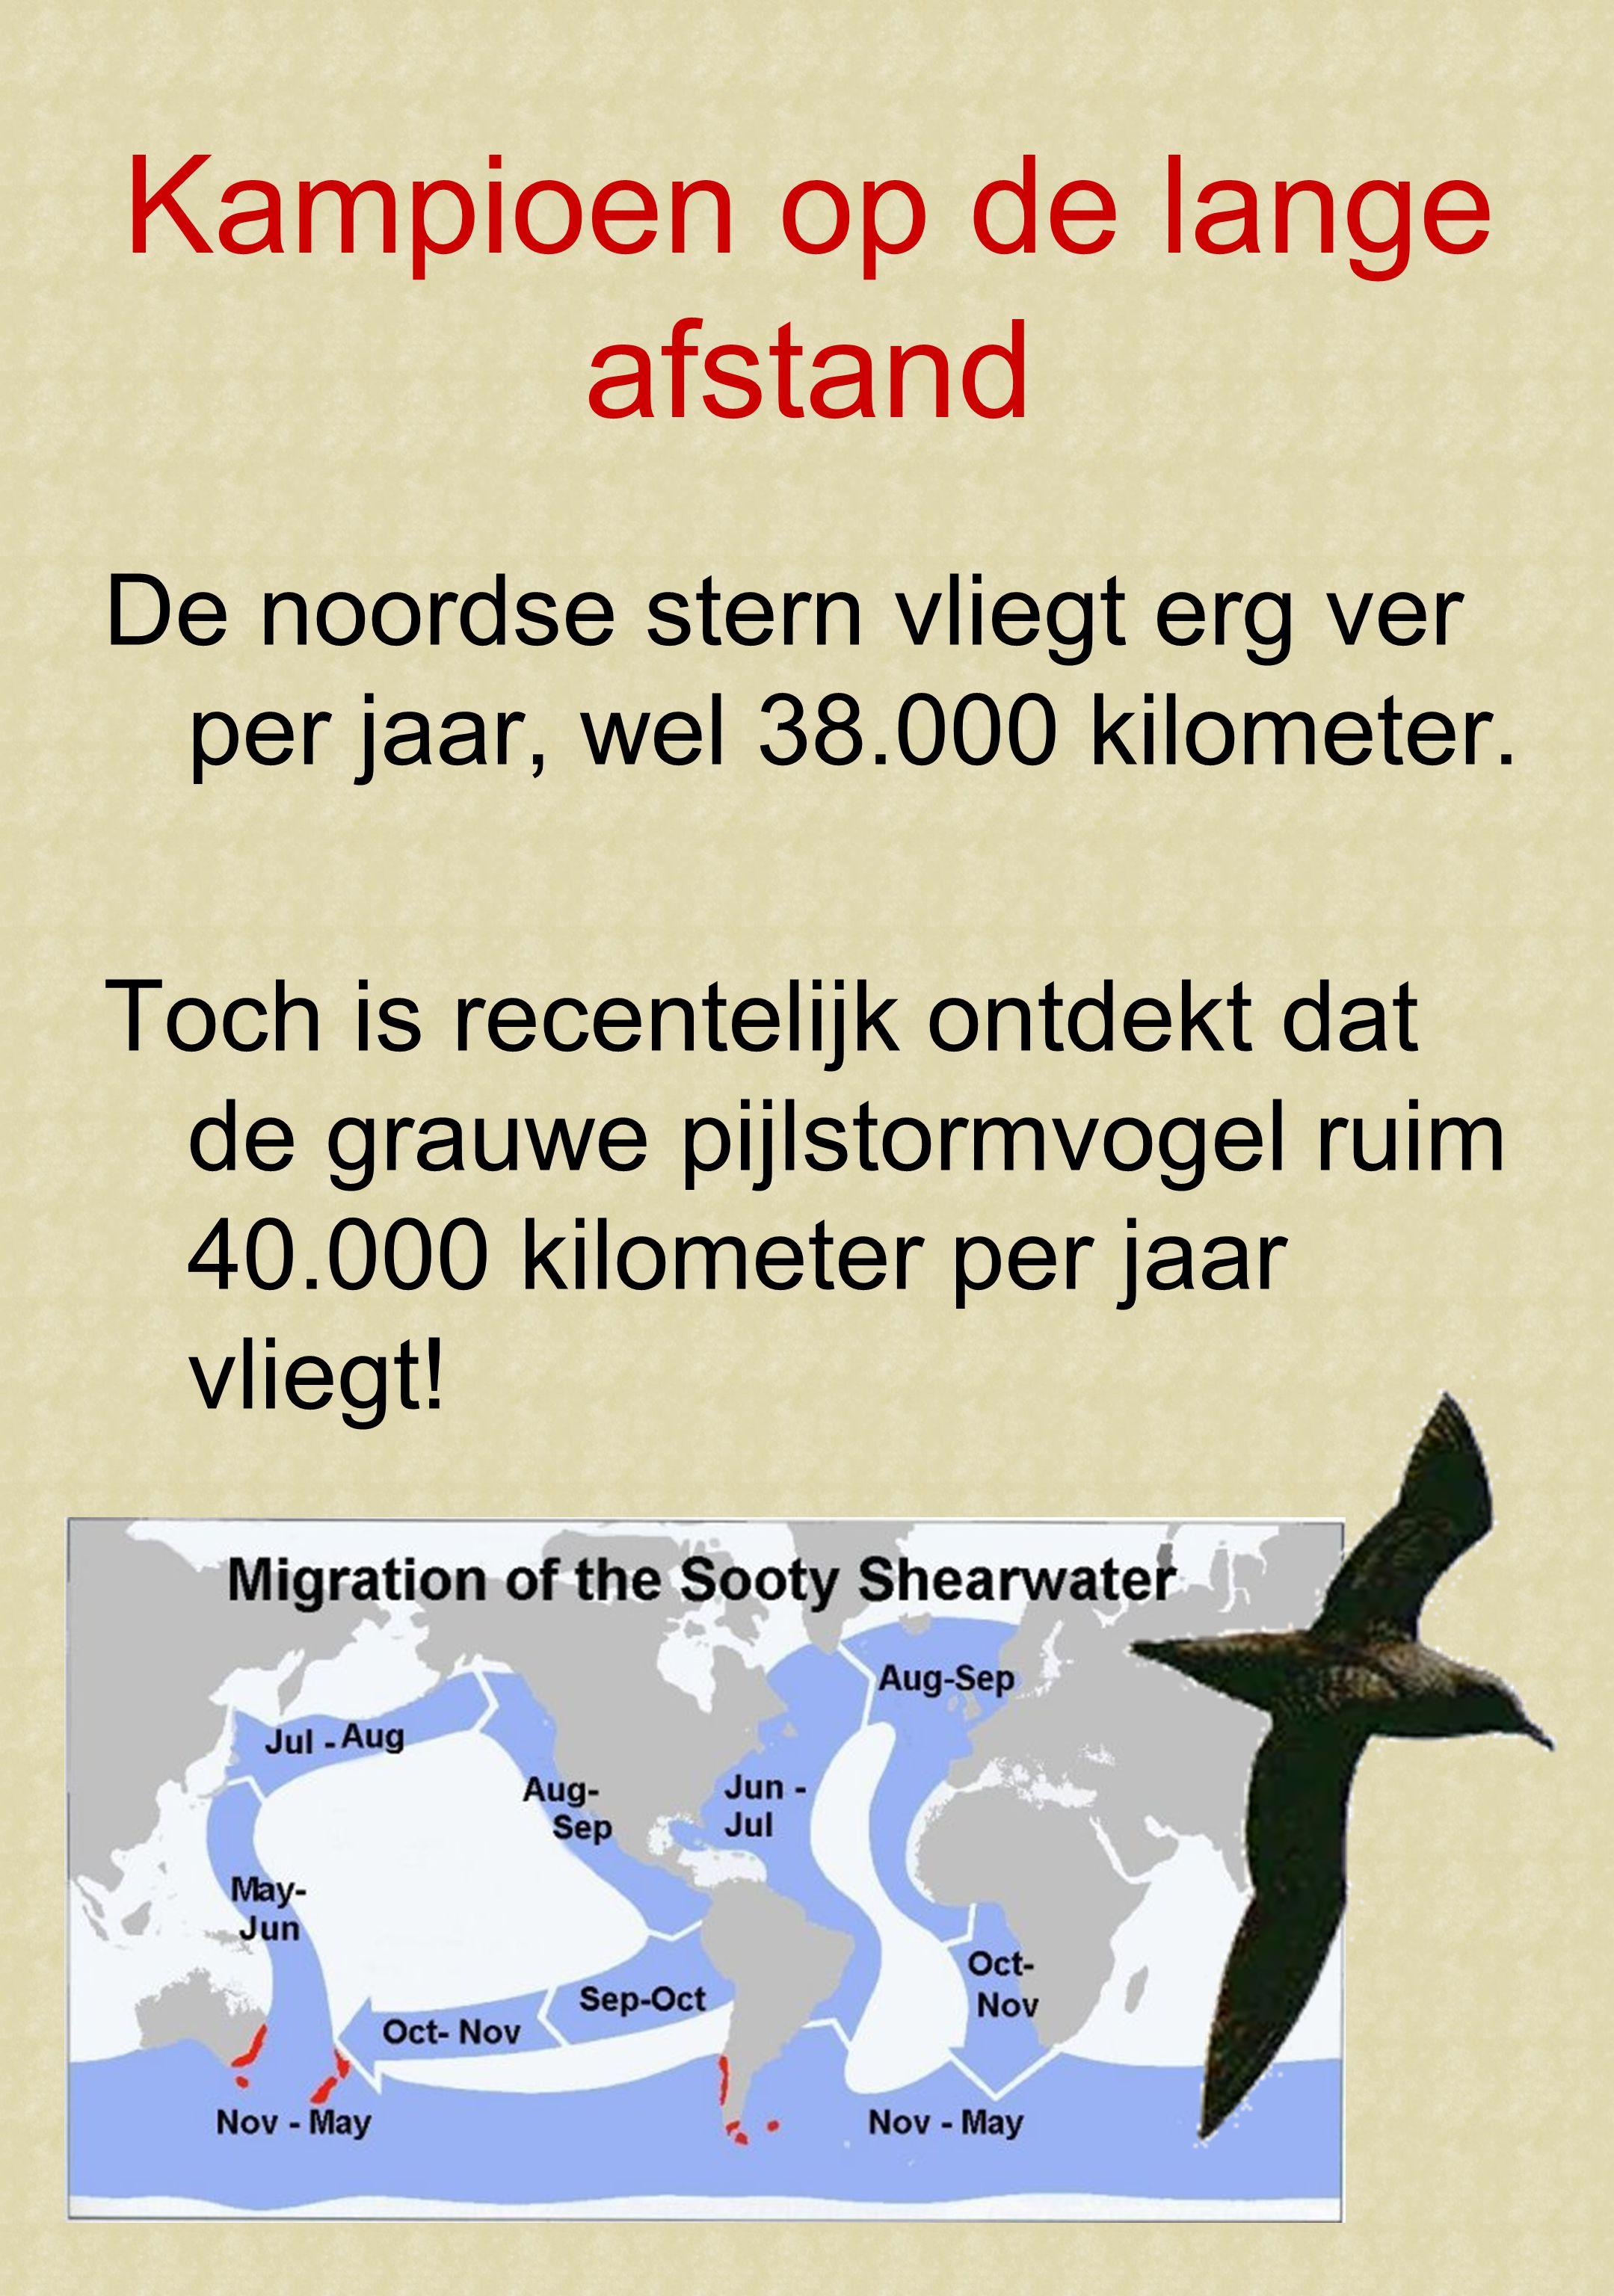 Kampioen op de lange afstand De noordse stern vliegt erg ver per jaar, wel 38.000 kilometer.